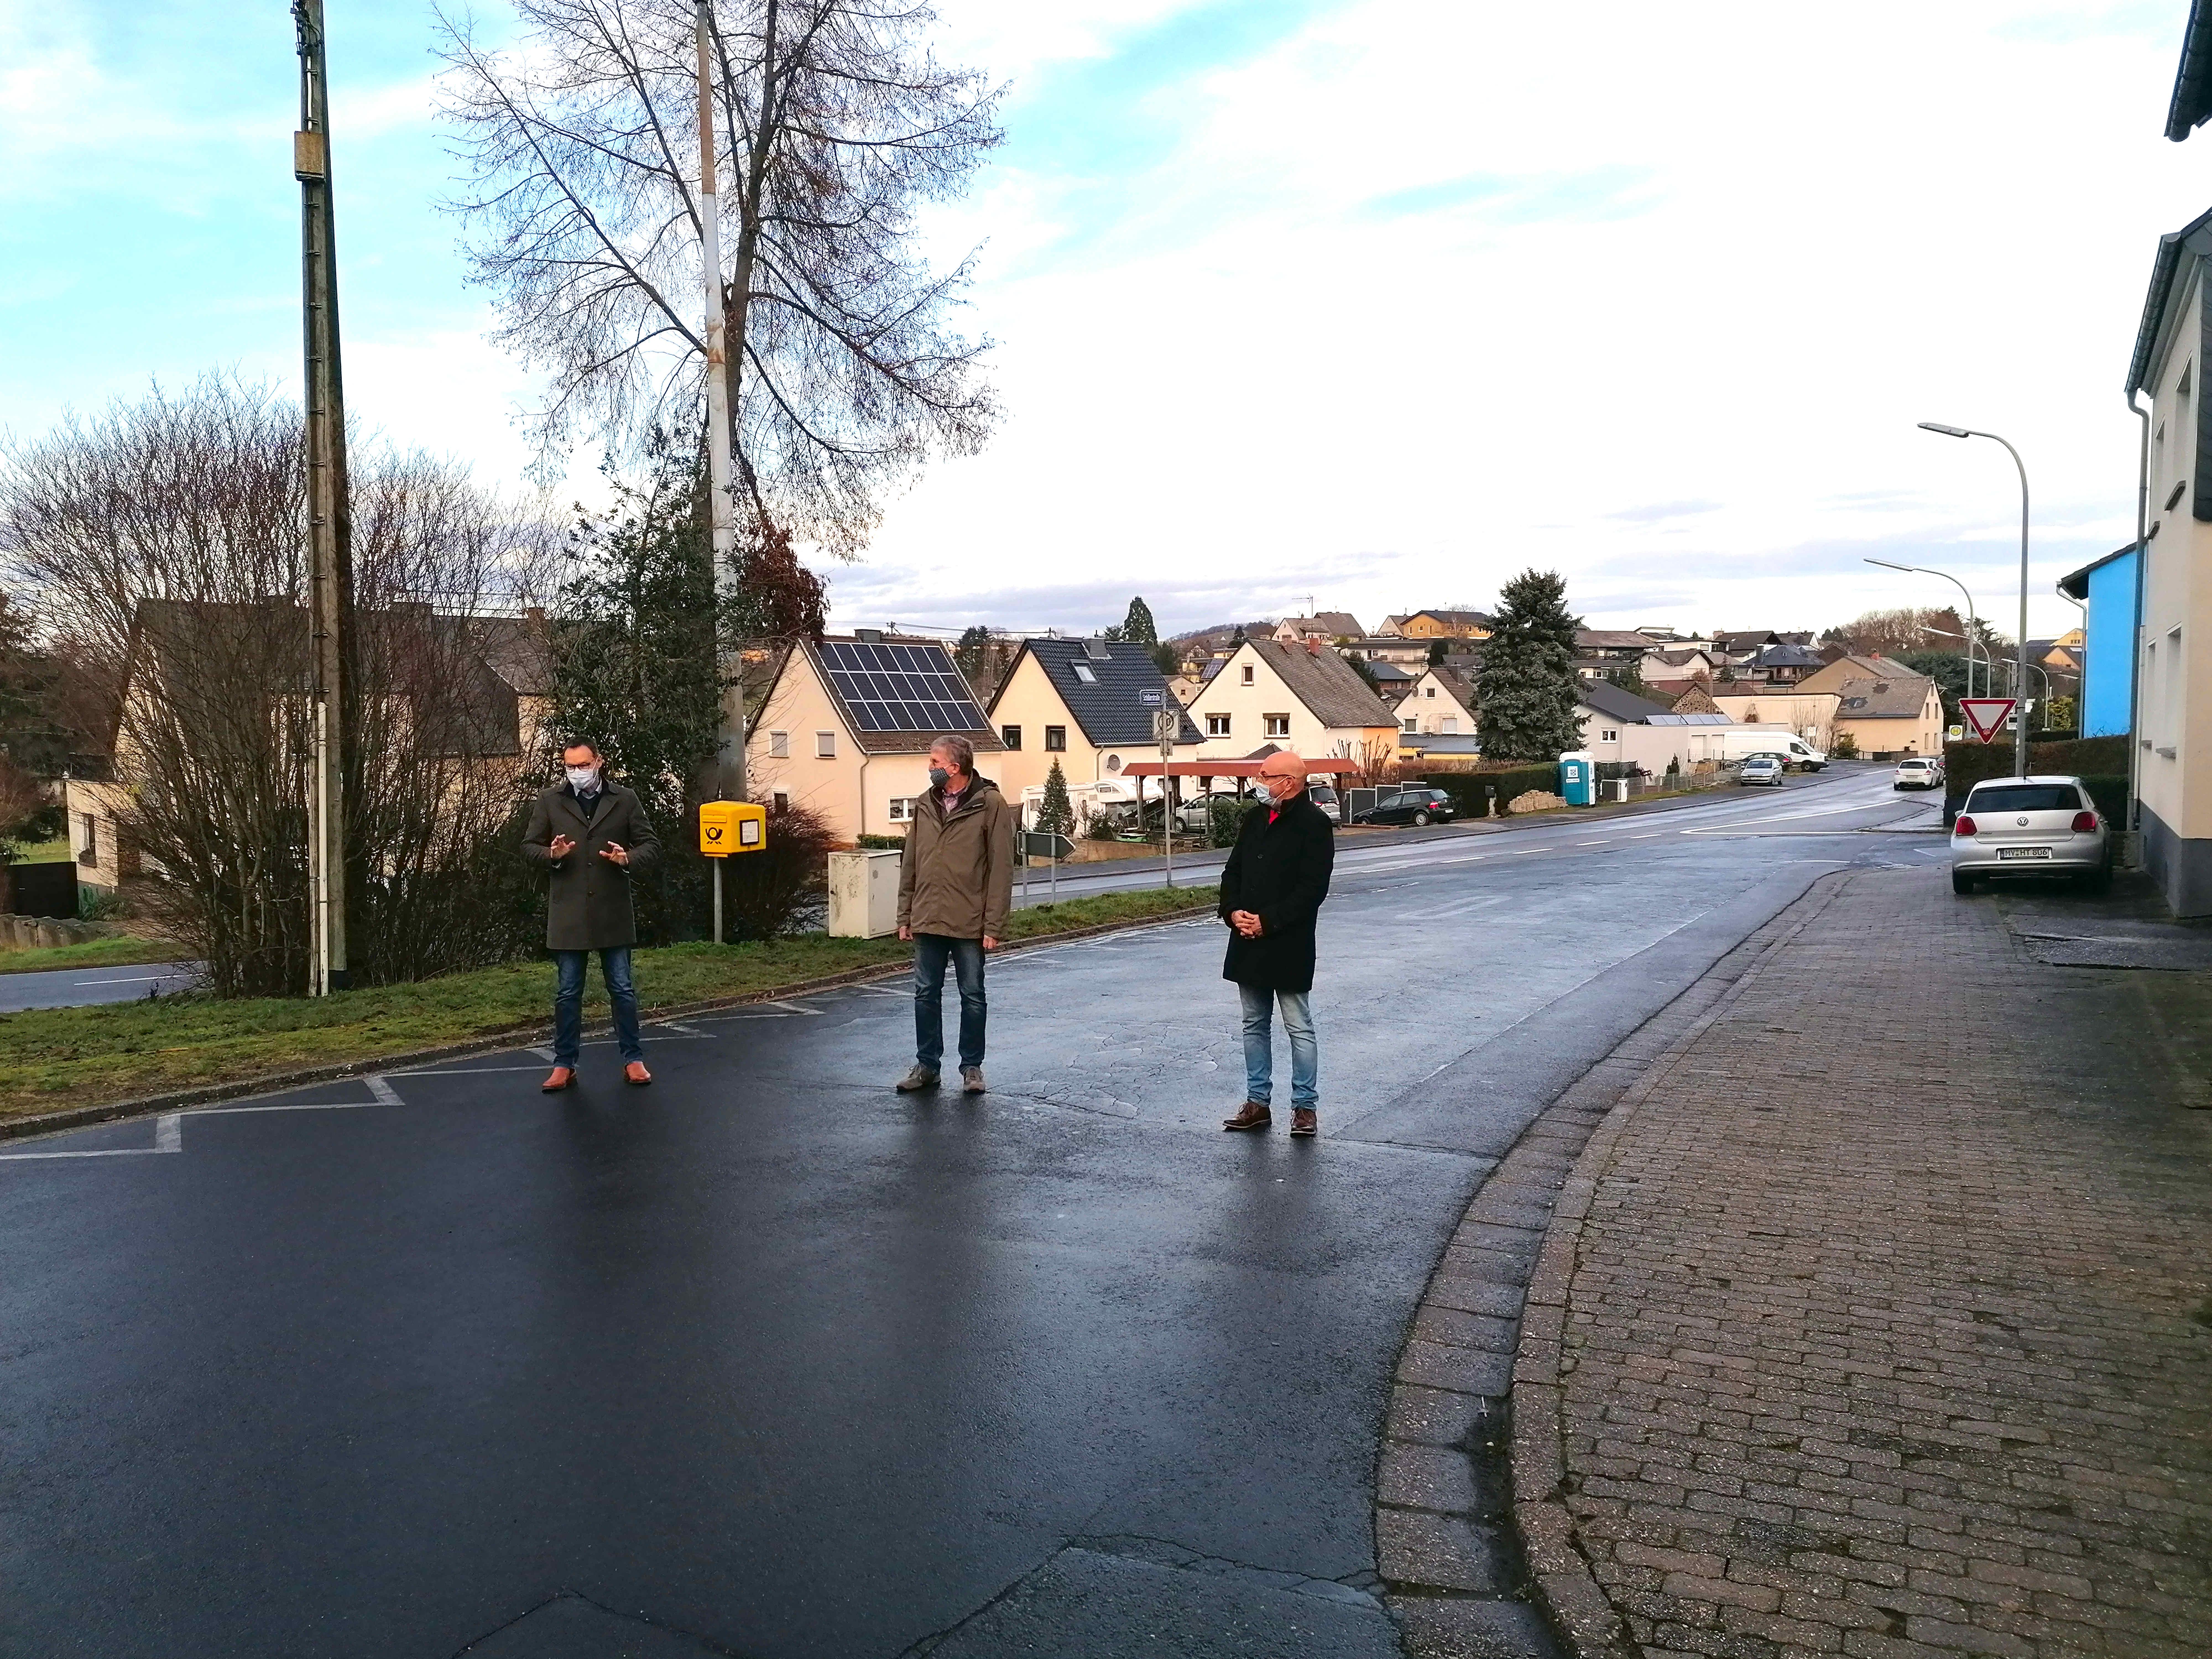 Ochtendunger Straßenausbau: SPD Landtagskandidat Dr. Alexander Wilhelm informiert sich vor Ort (Pressemitteilung)